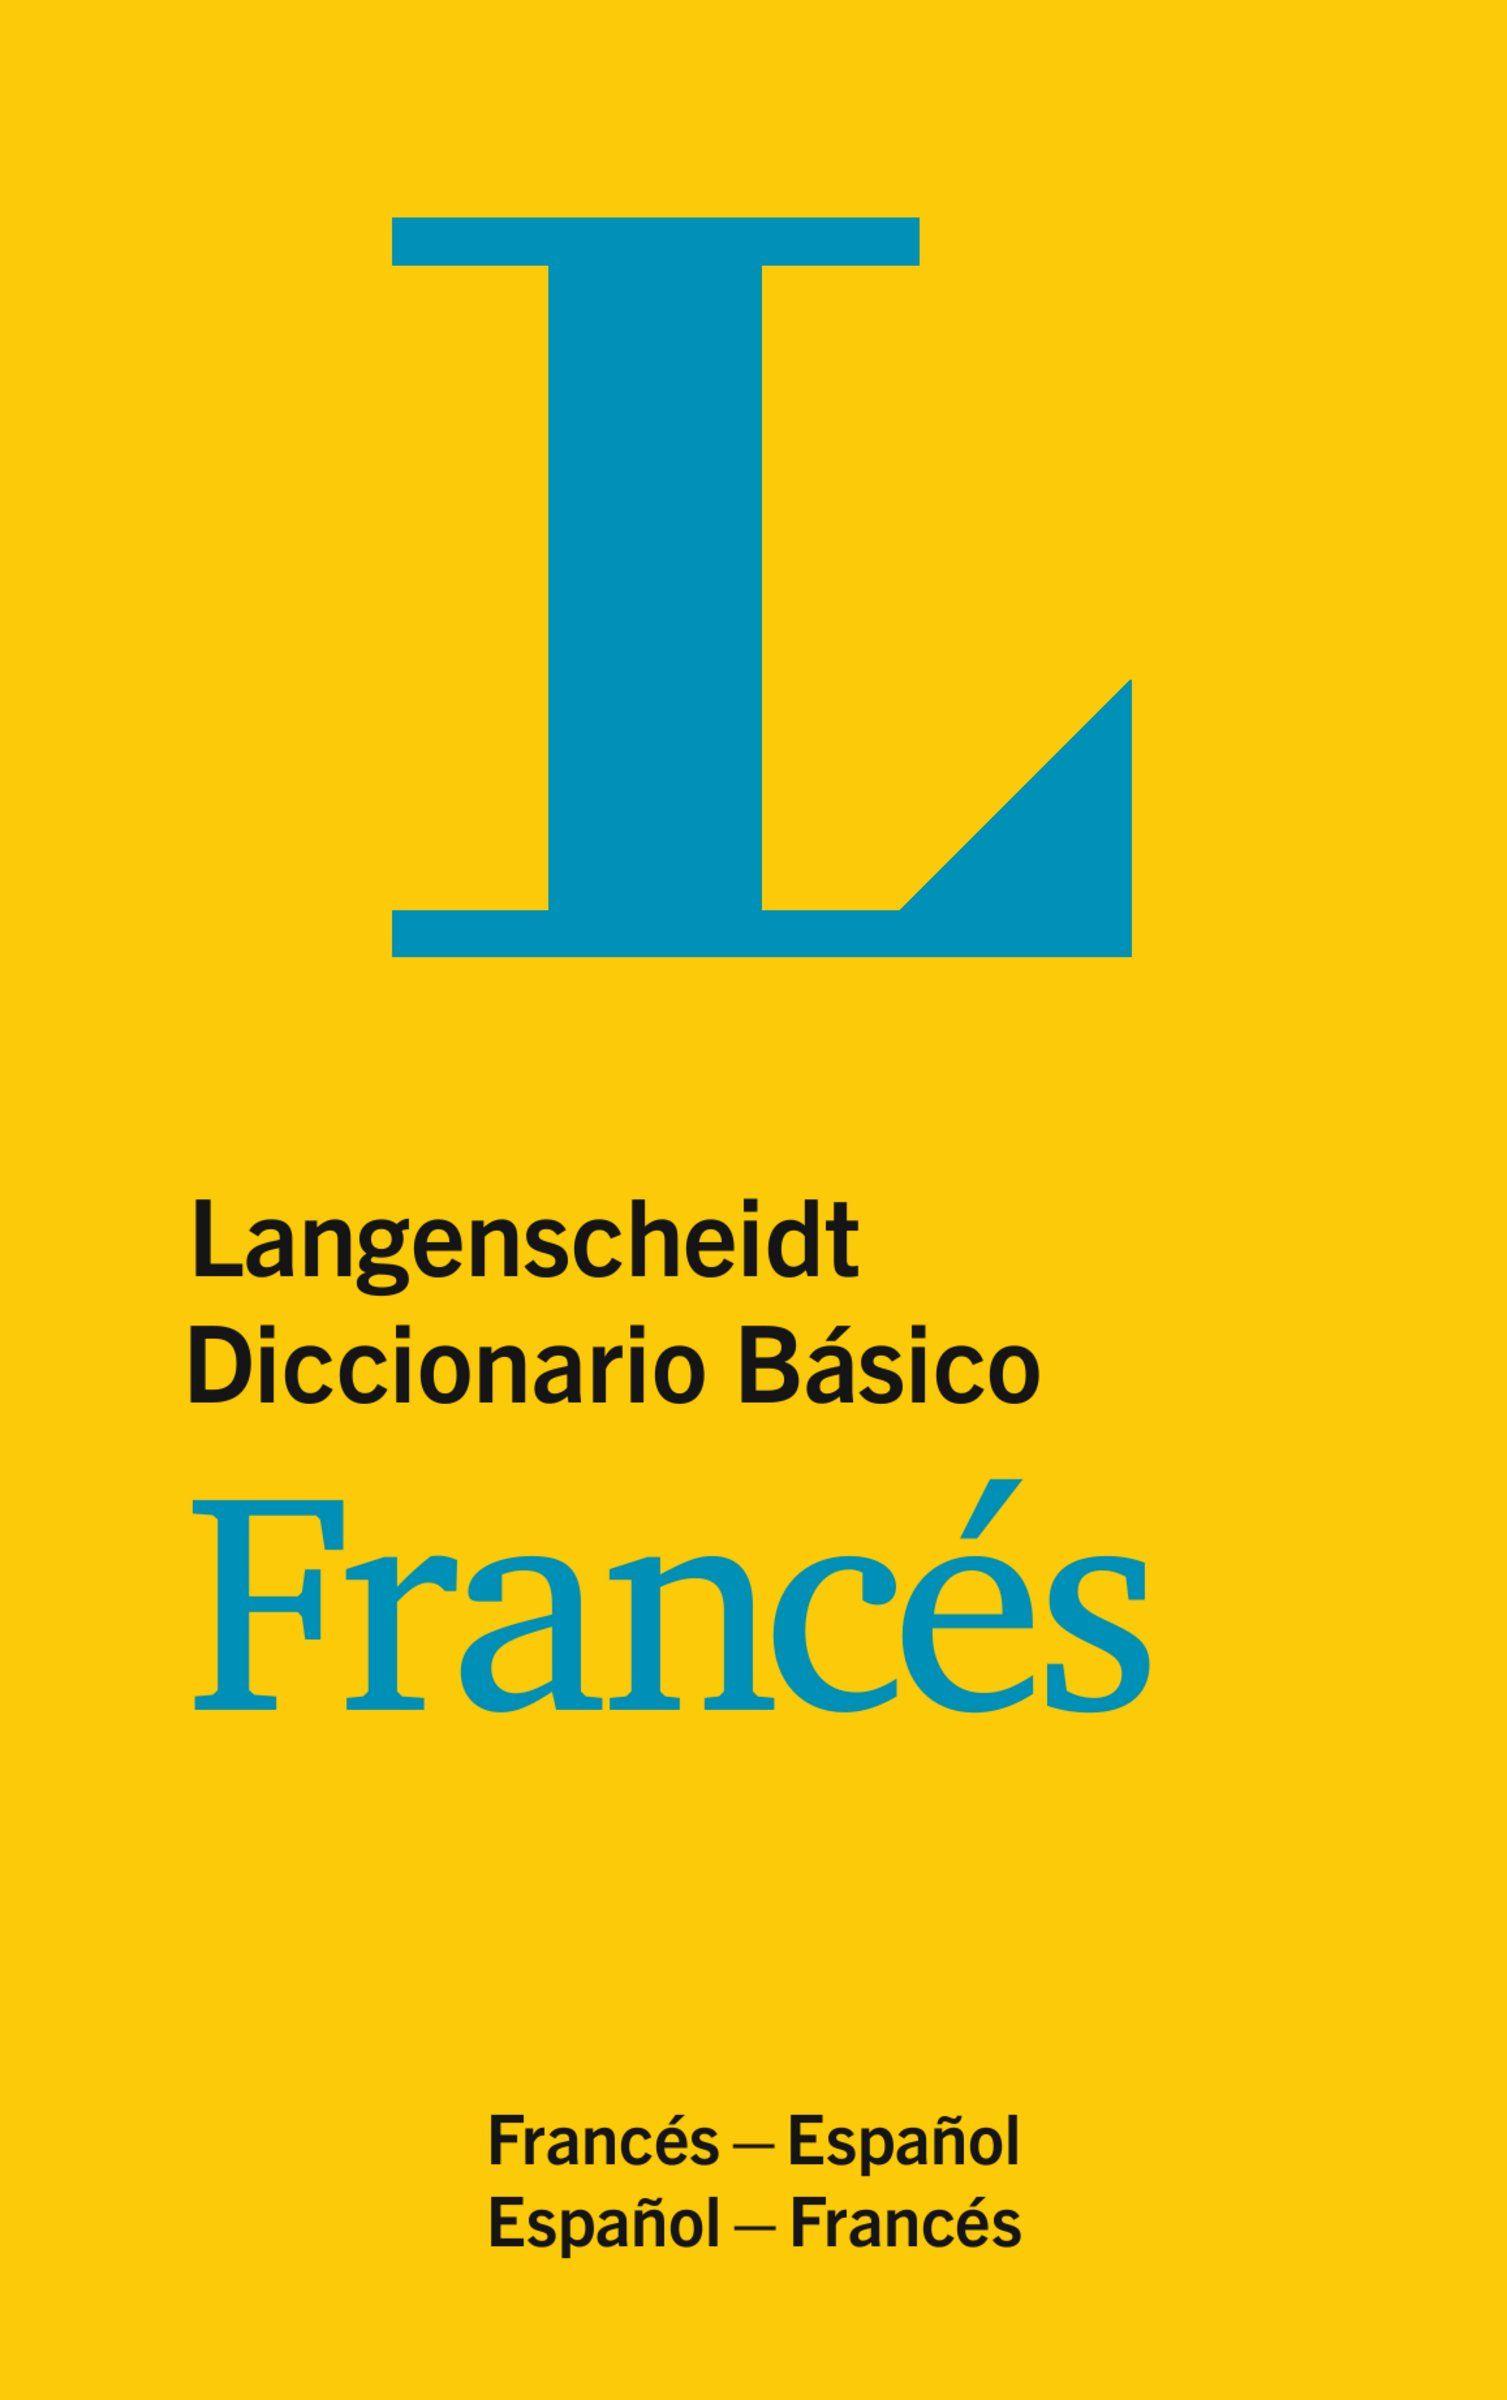 DICCIONARIO BASICO FRANCES/ESPAÑOL